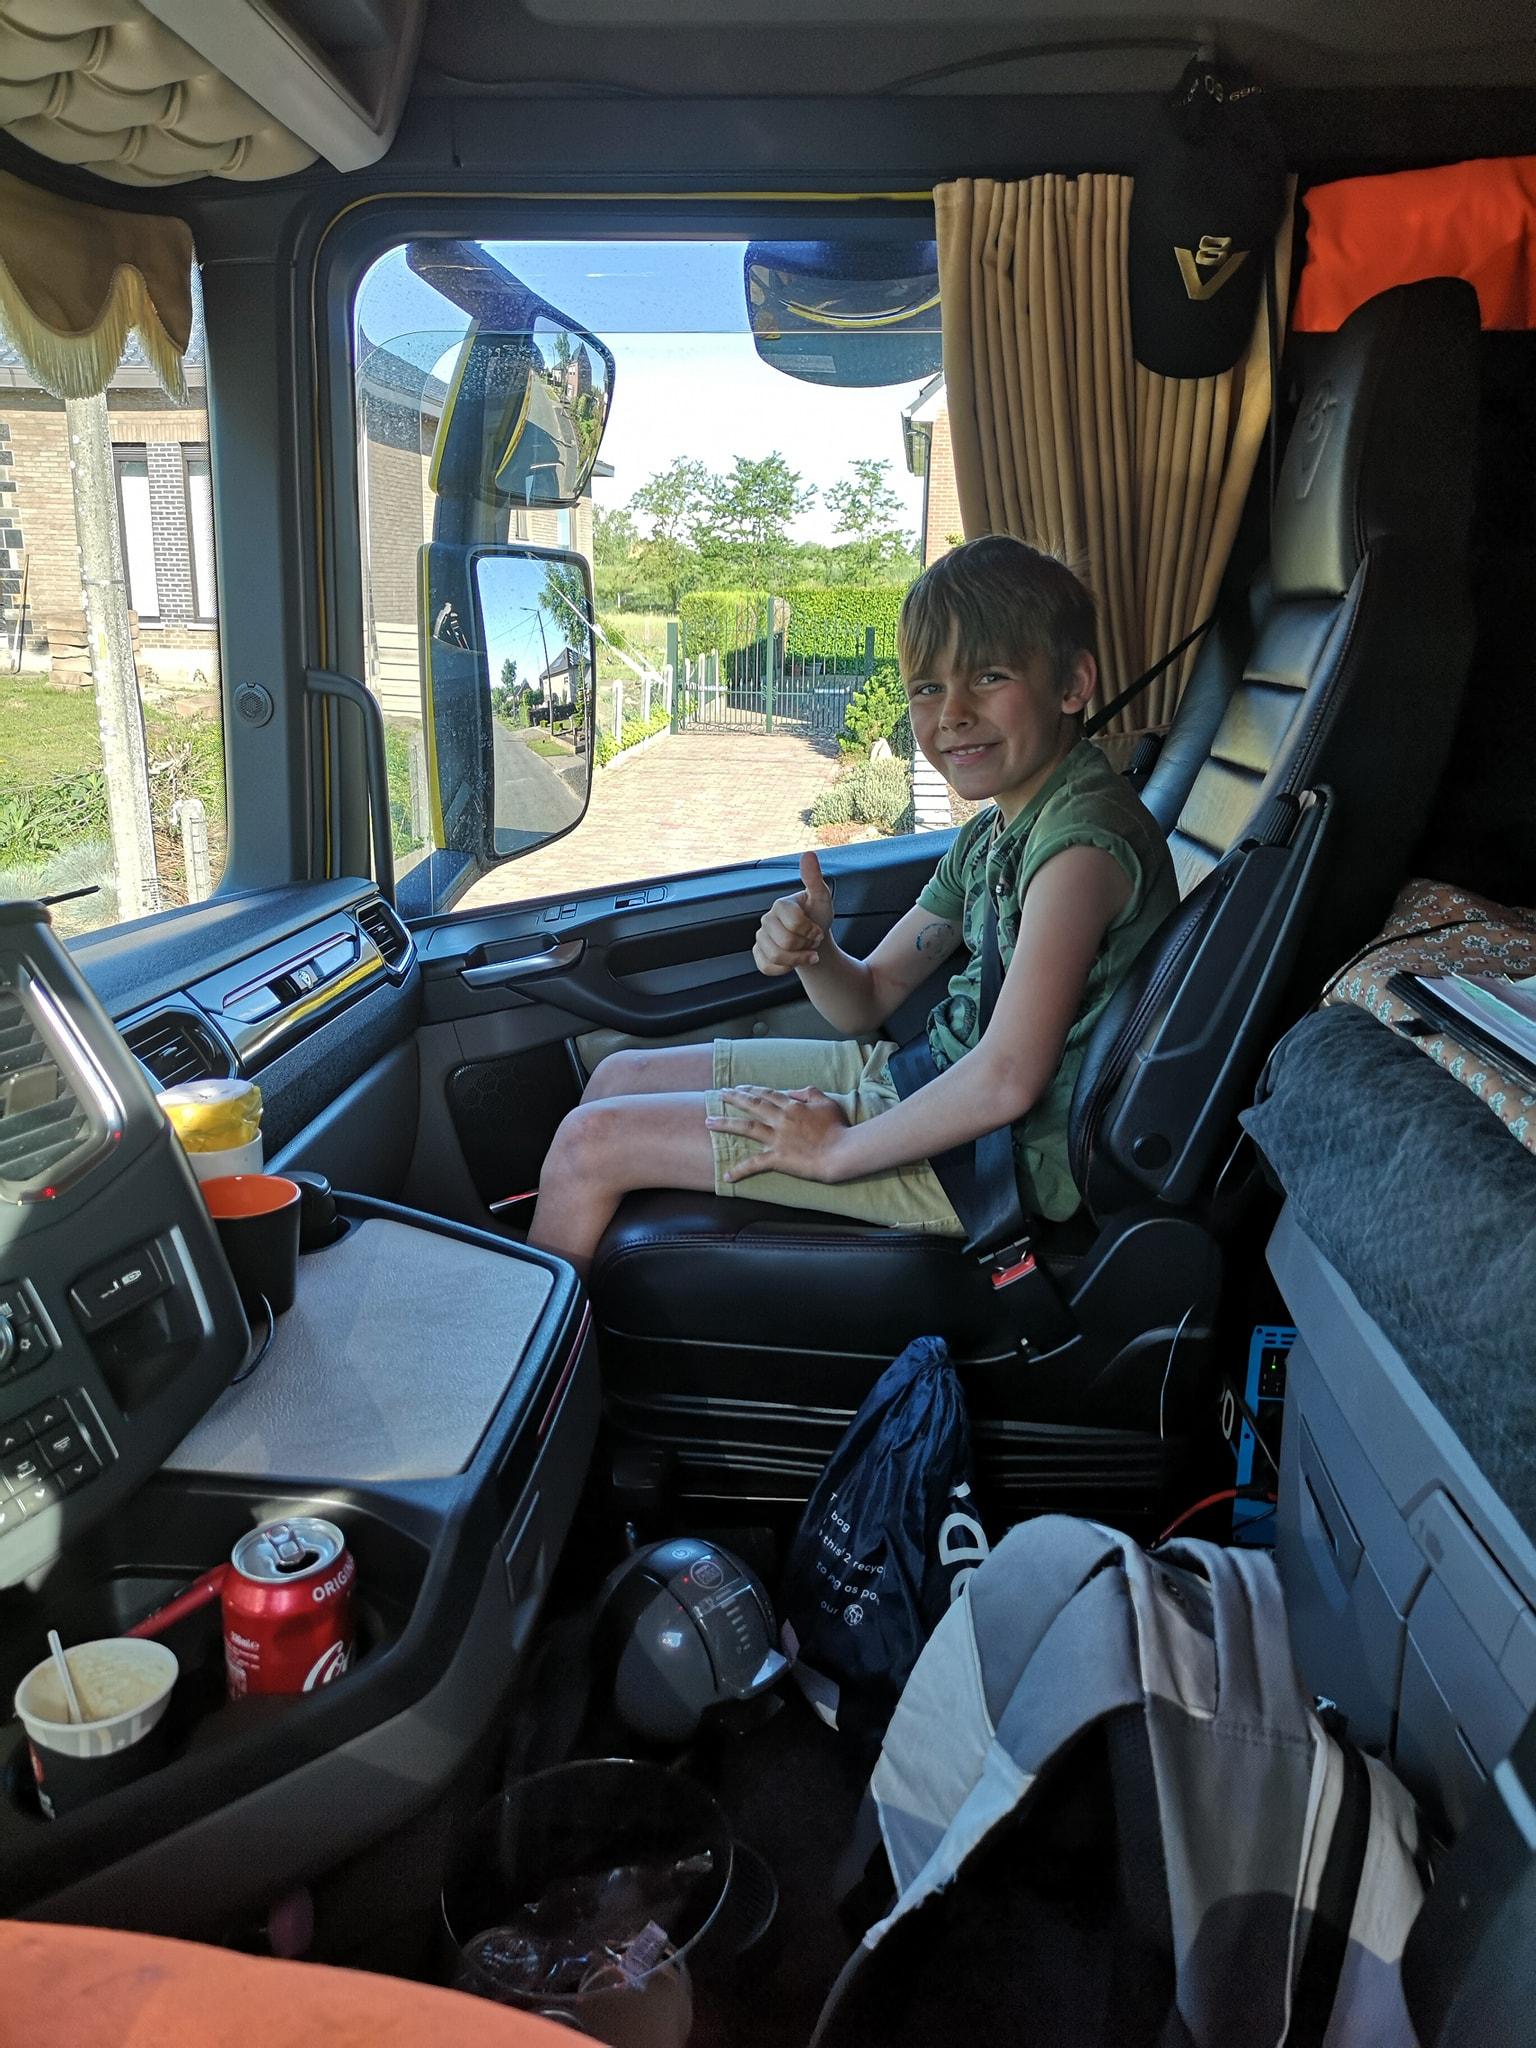 Prive--taxi-naar-school--1-6-2021